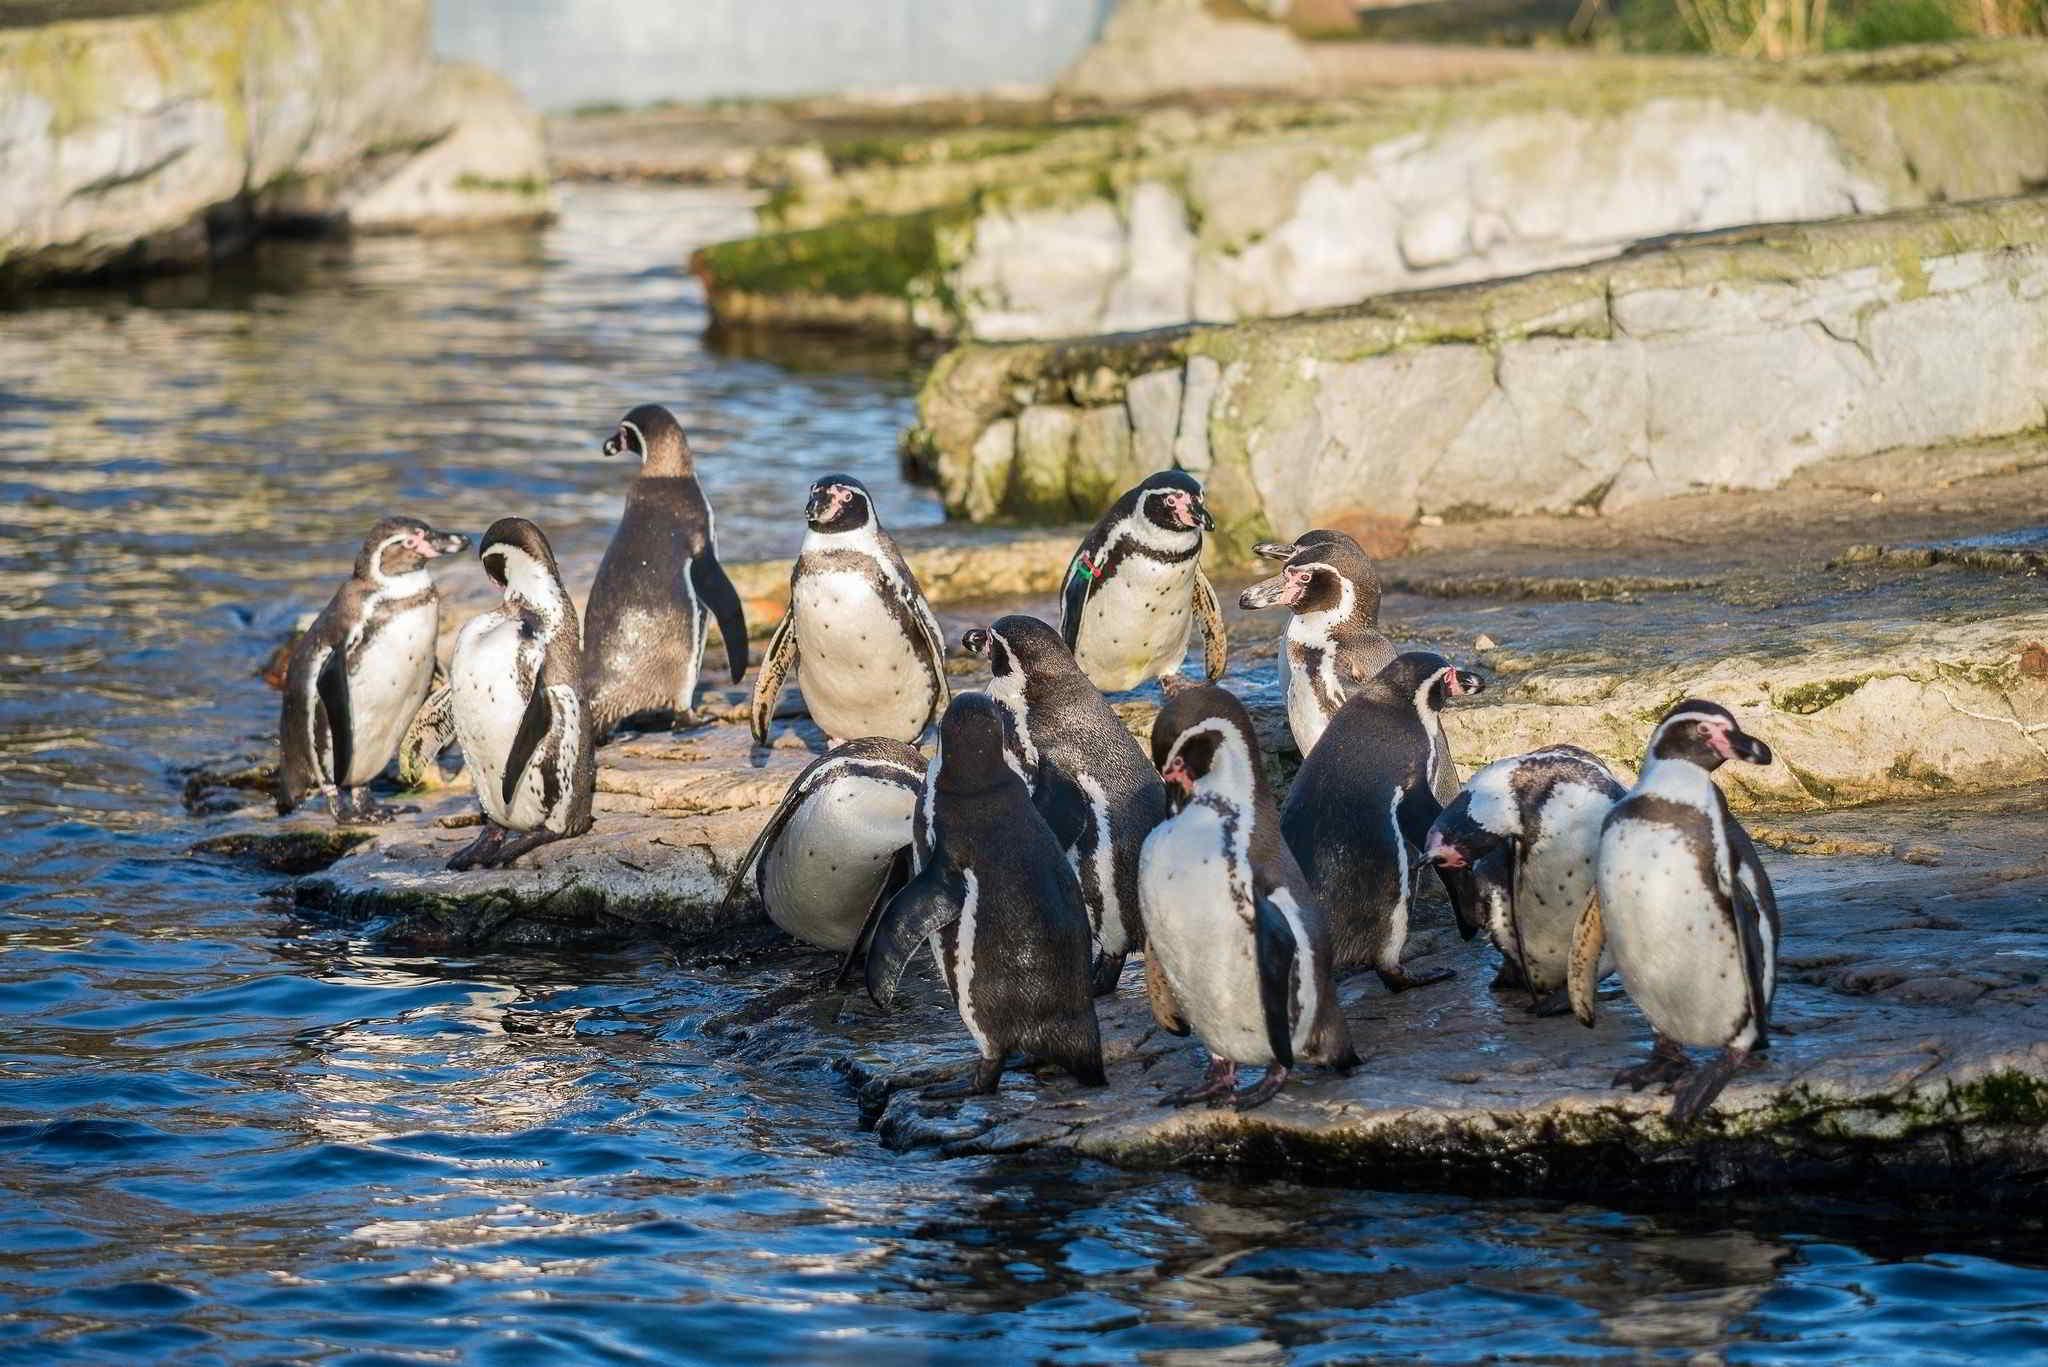 Пингвины на камушках  № 2020674 загрузить